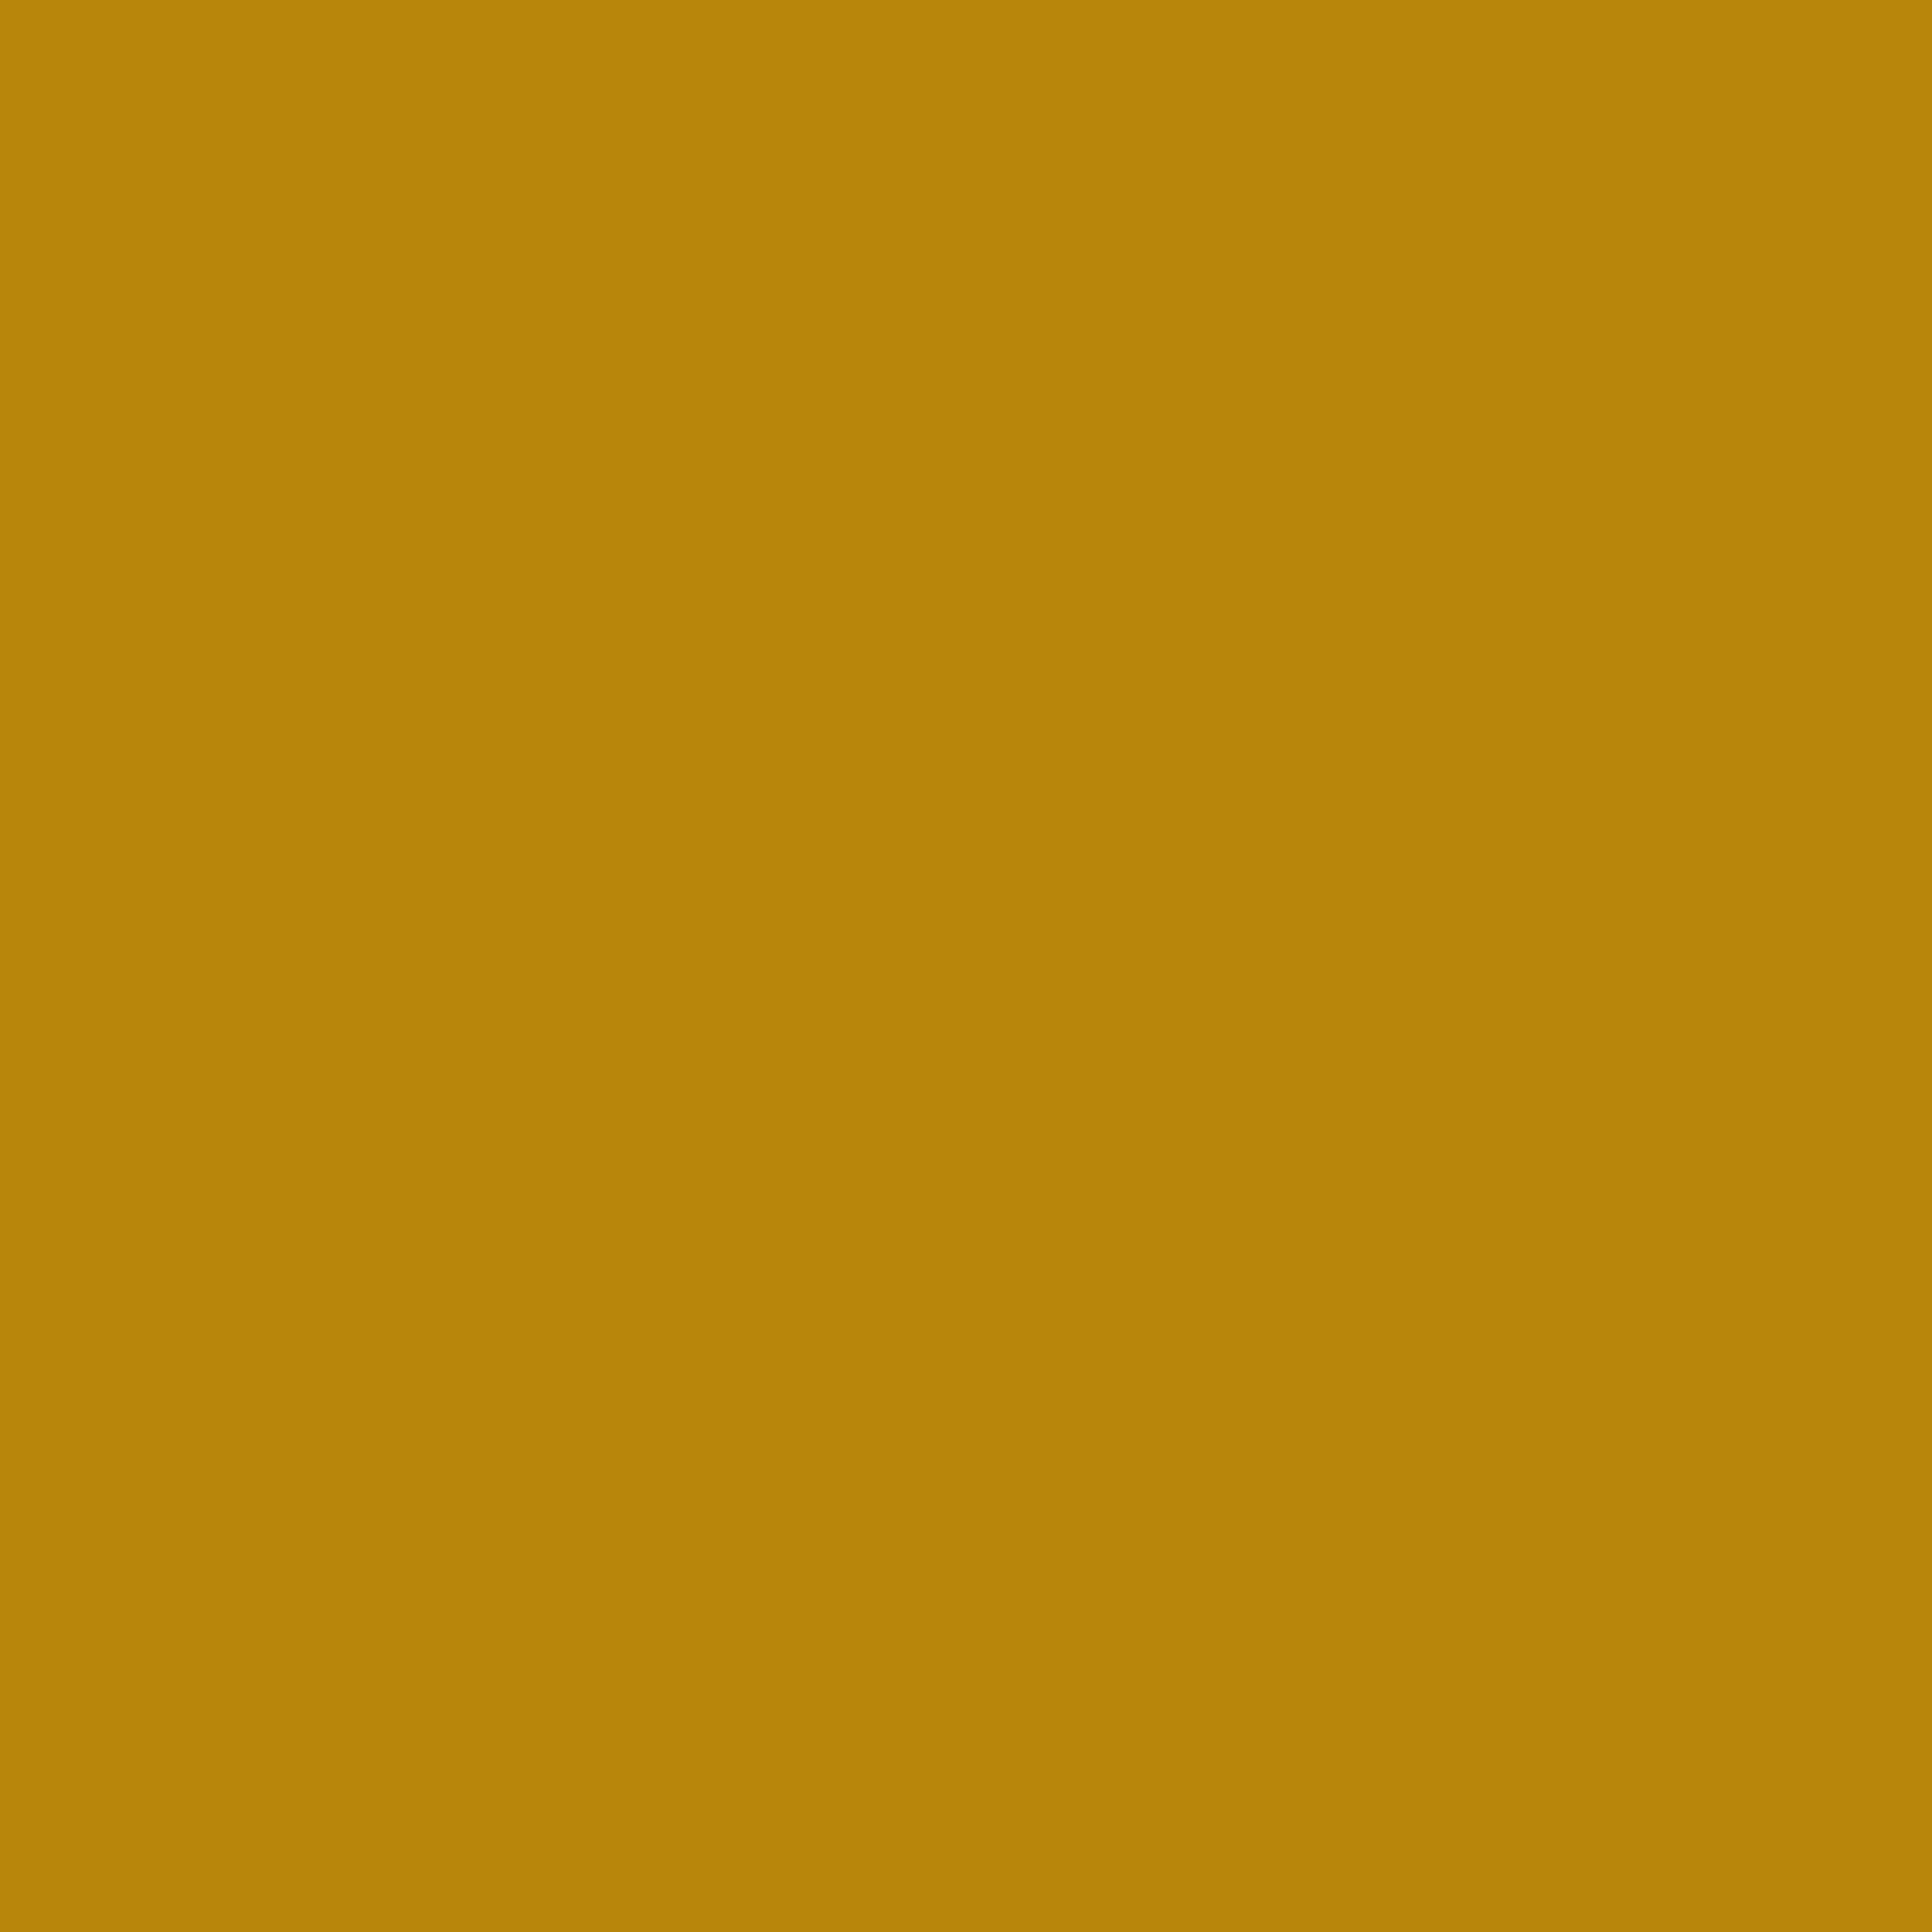 2048x2048 Dark Goldenrod Solid Color Background